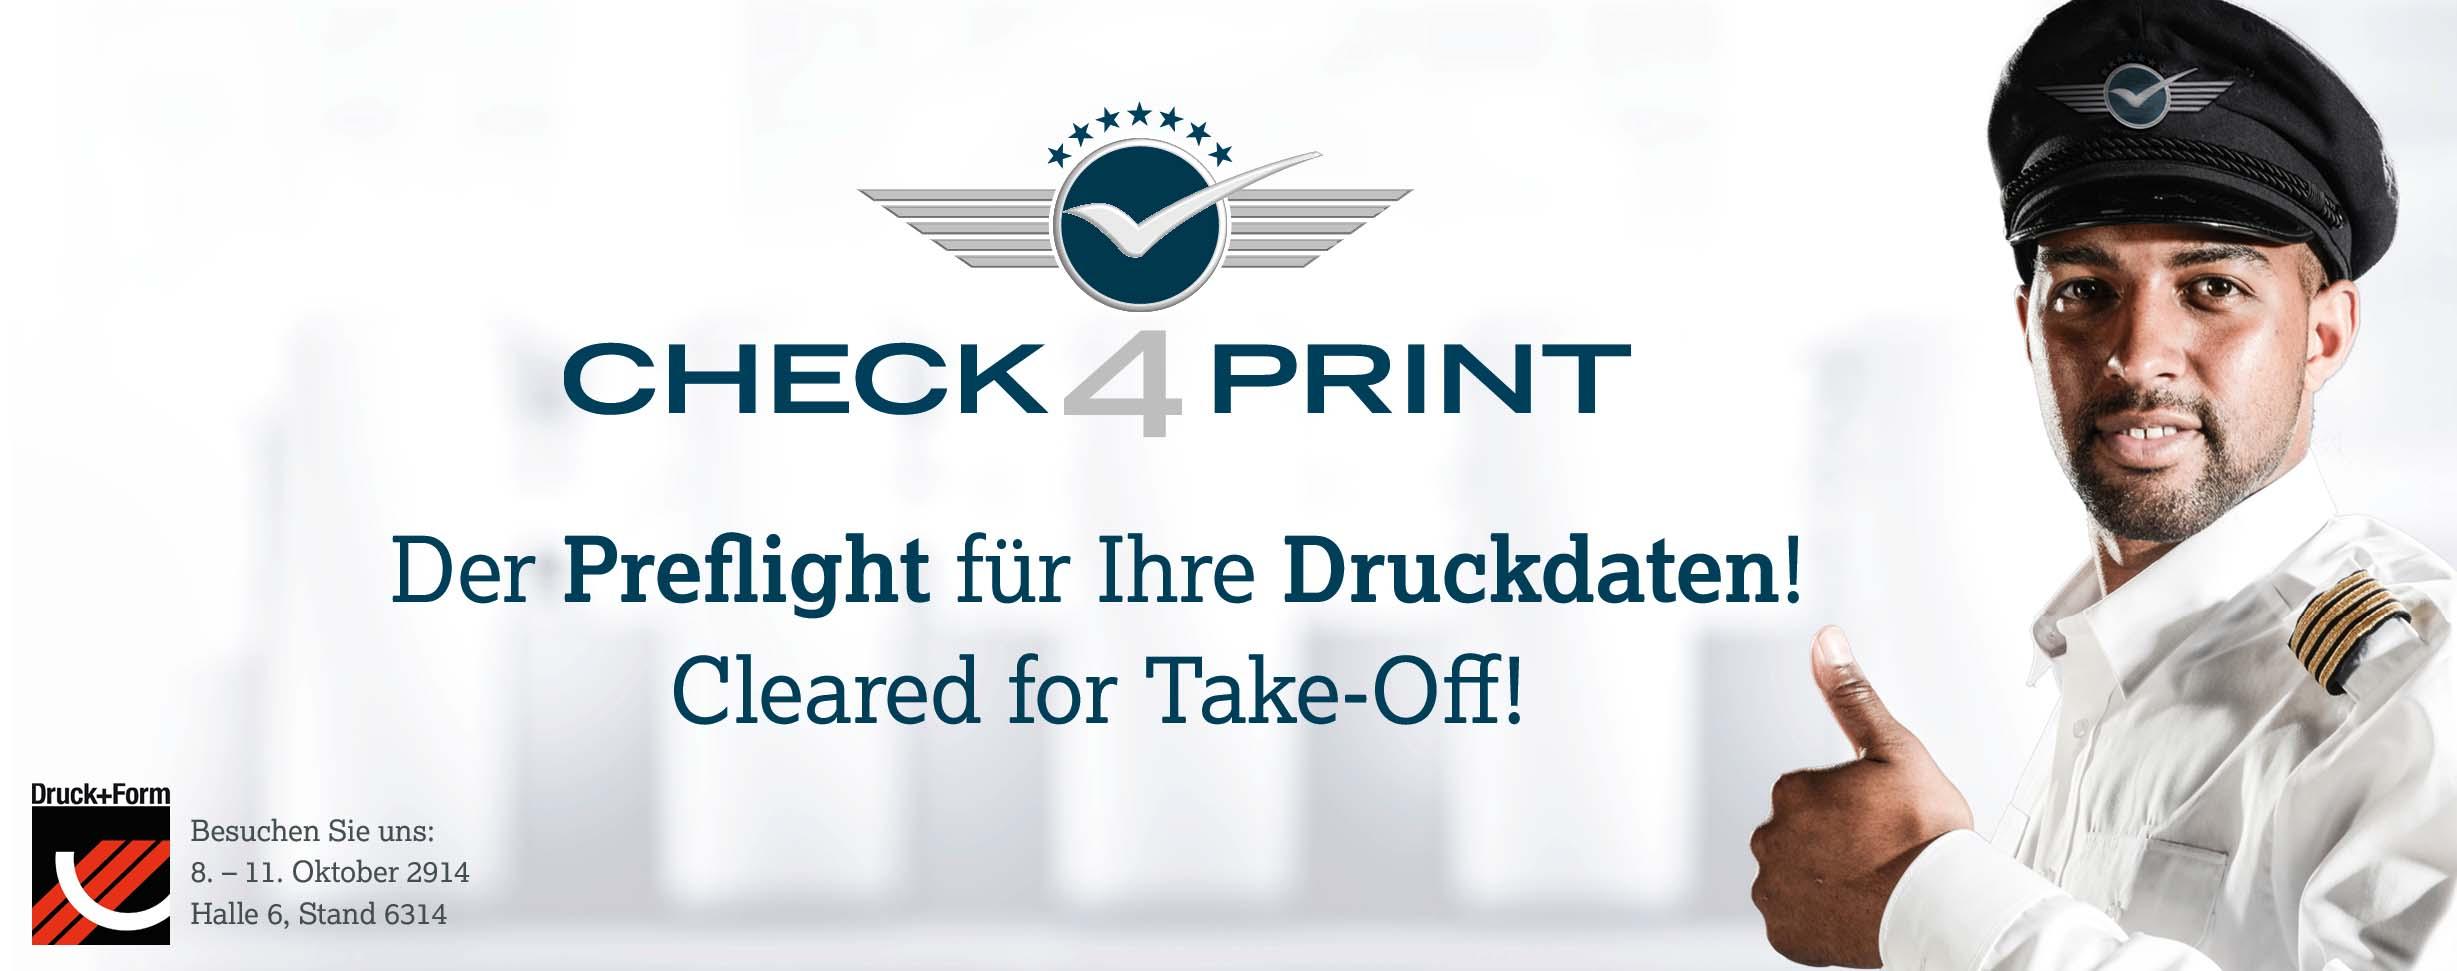 check4print.com